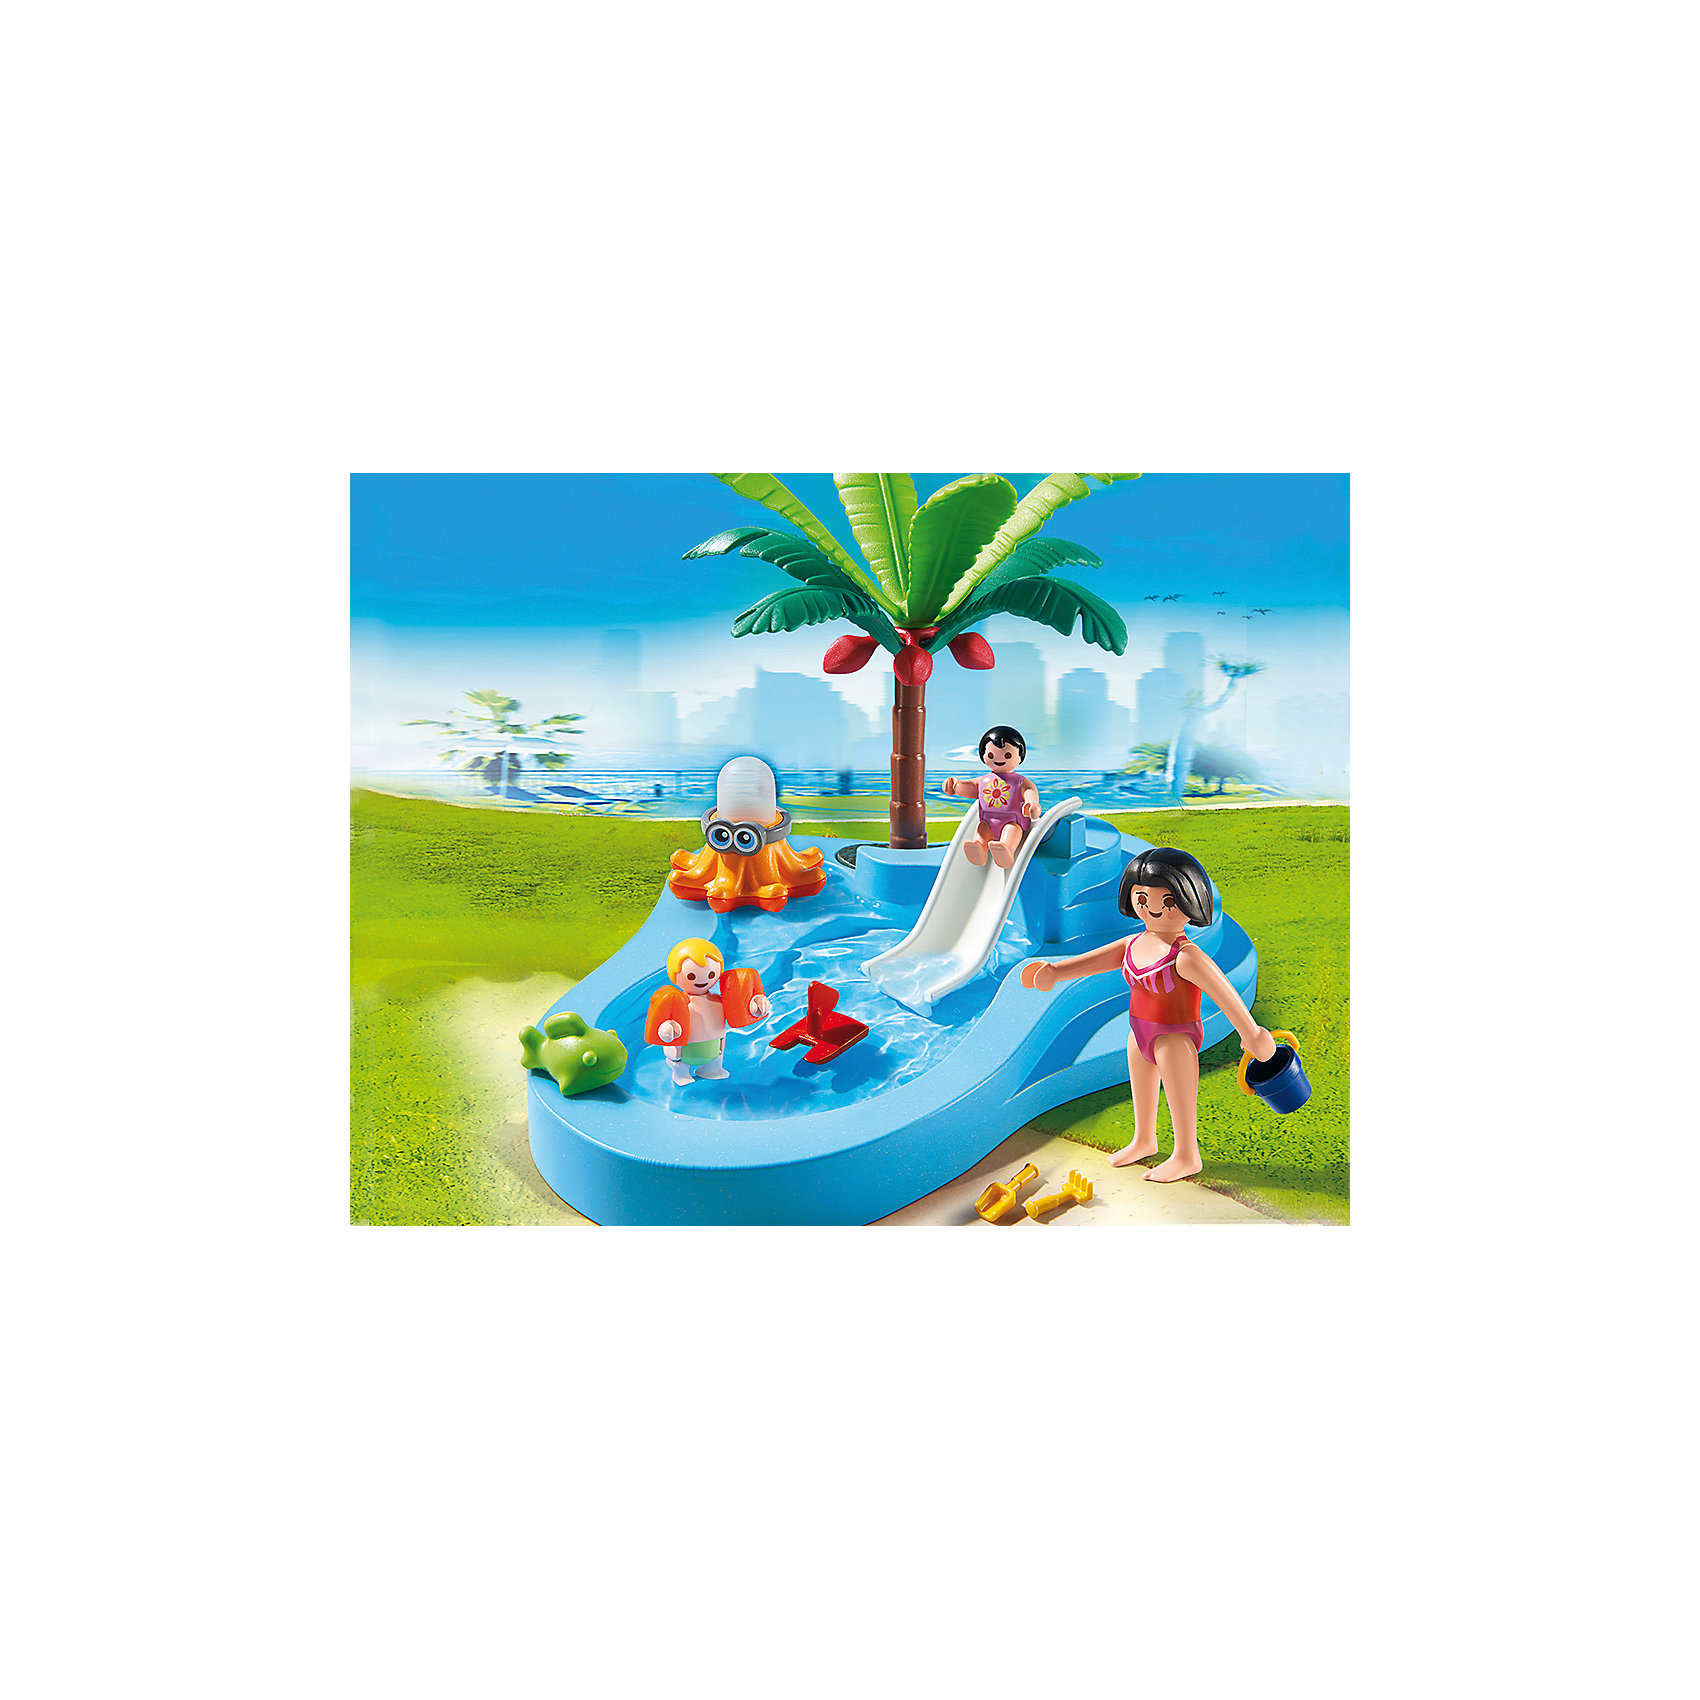 PLAYMOBIL® Аквапарк: Детский бассейн с горкой, PLAYMOBIL